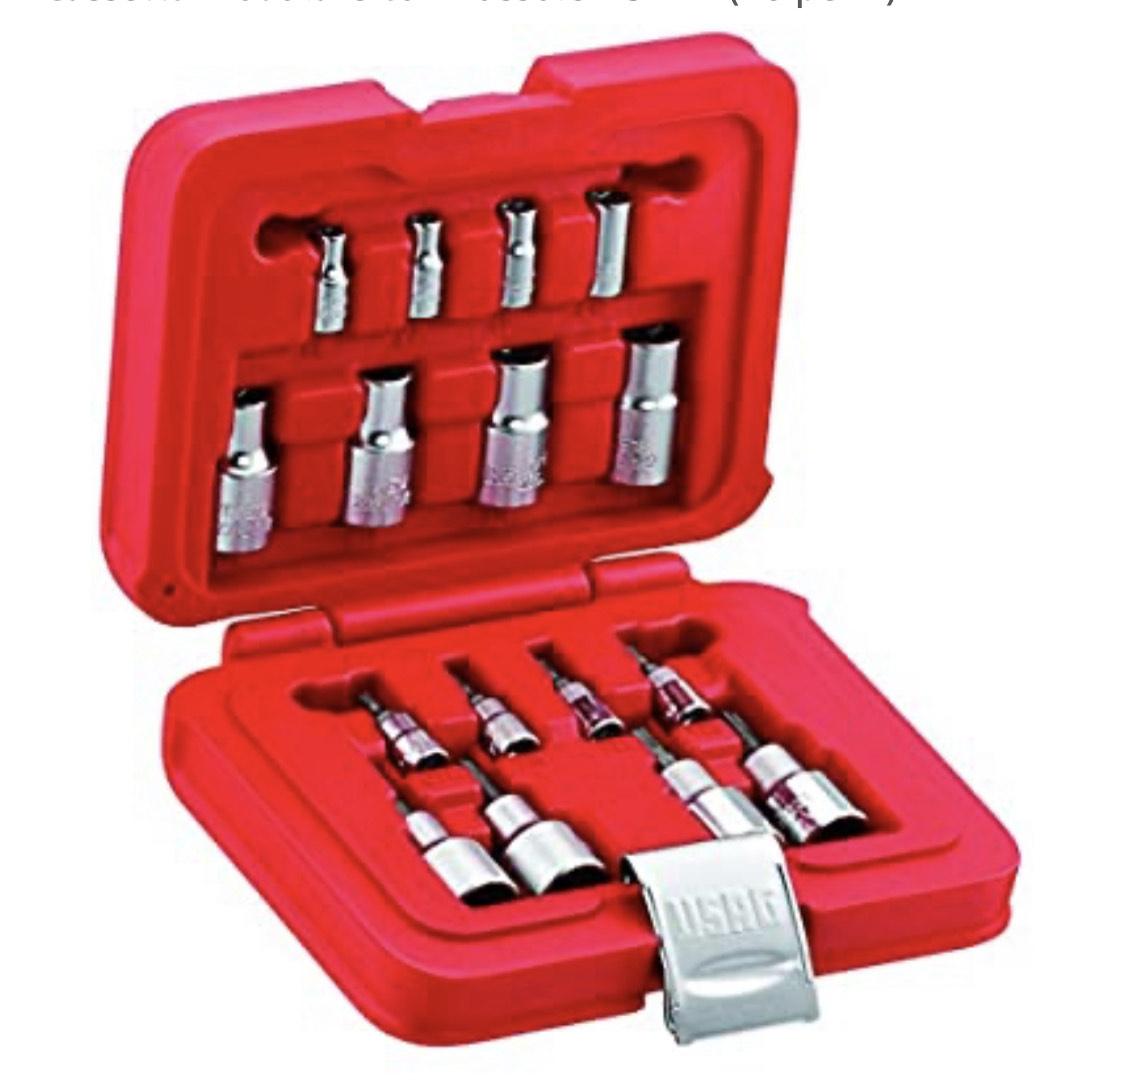 USAG 601 1/4-1/2 JTX16- cassetta attrezzi TORX 16 pezzi